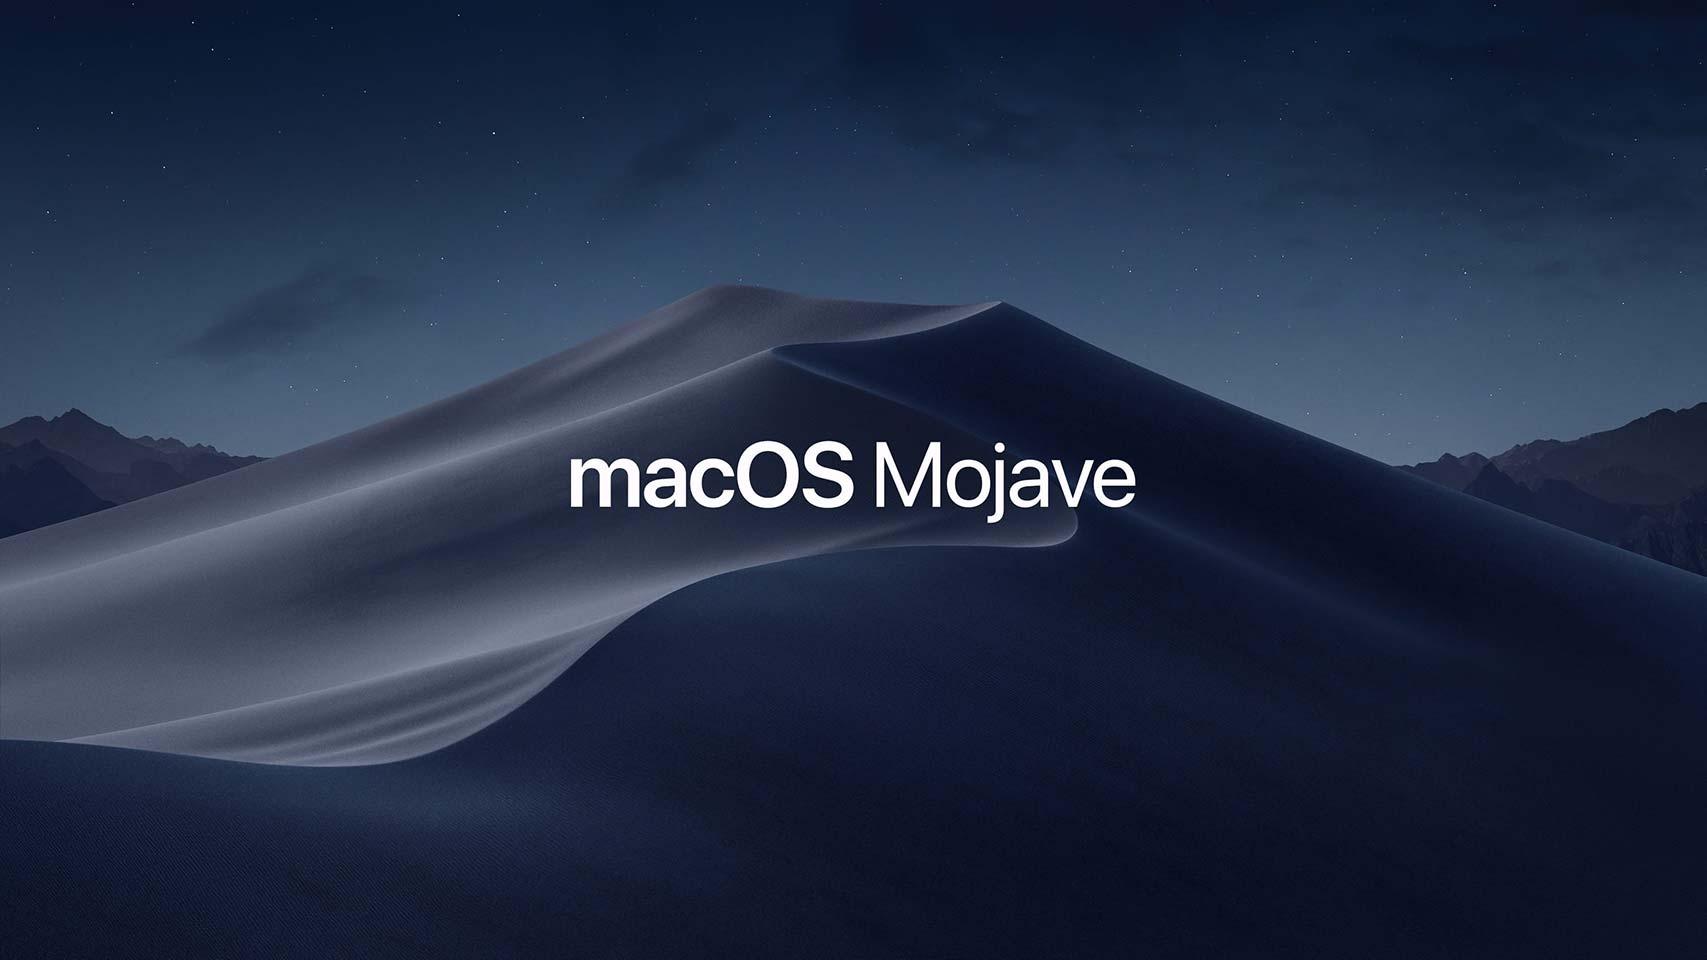 Come installare macOS Mojave in un normale PC | Hackintosh 10 14